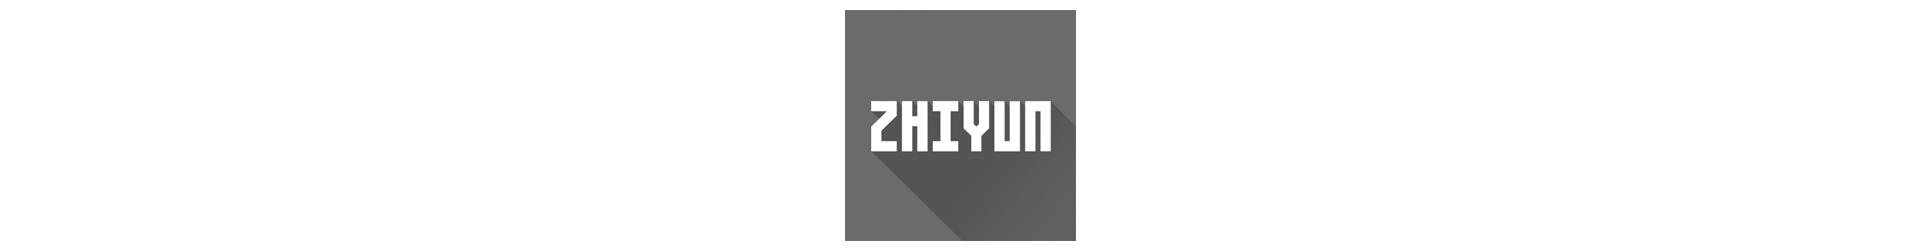 zhiyuntech